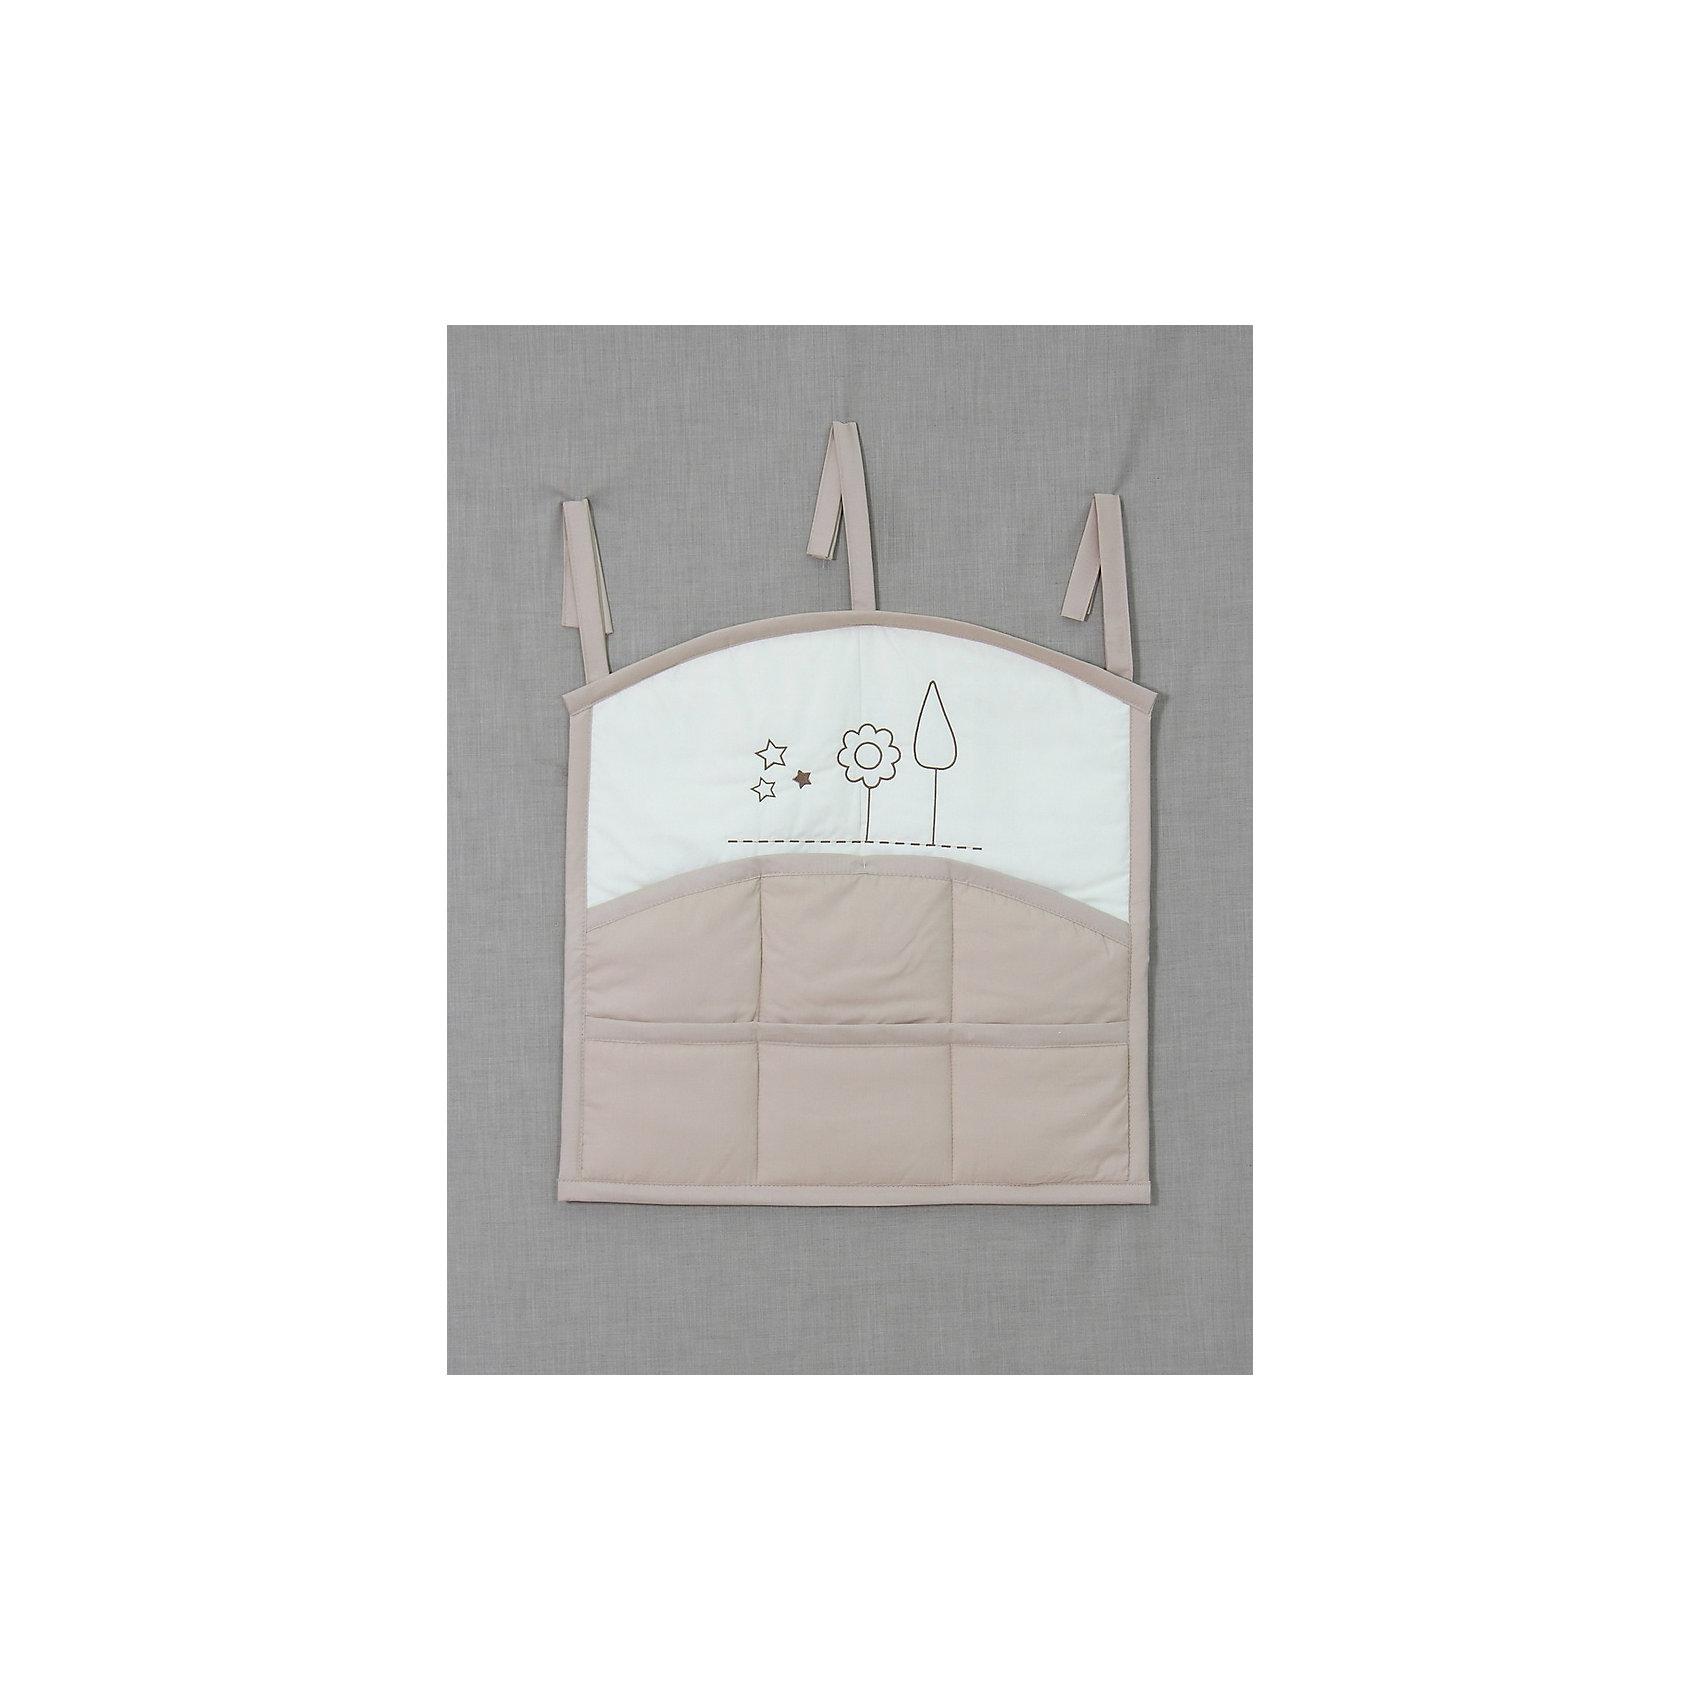 Карман на кроватку  Я и моя мама, FairyПостельное бельё<br>•карман на кроватку предназначен для удобства хранения детских принадлежностей в удобном для родителей месте,<br>•3 завязки по верху изделия для удобства крепления на детской кроватке,<br>•6 кармашков для принадлежностей, <br>•веселый рисунок в виде вышивки.<br><br>Ширина мм: 590<br>Глубина мм: 600<br>Высота мм: 100<br>Вес г: 300<br>Возраст от месяцев: 0<br>Возраст до месяцев: 36<br>Пол: Унисекс<br>Возраст: Детский<br>SKU: 5610107